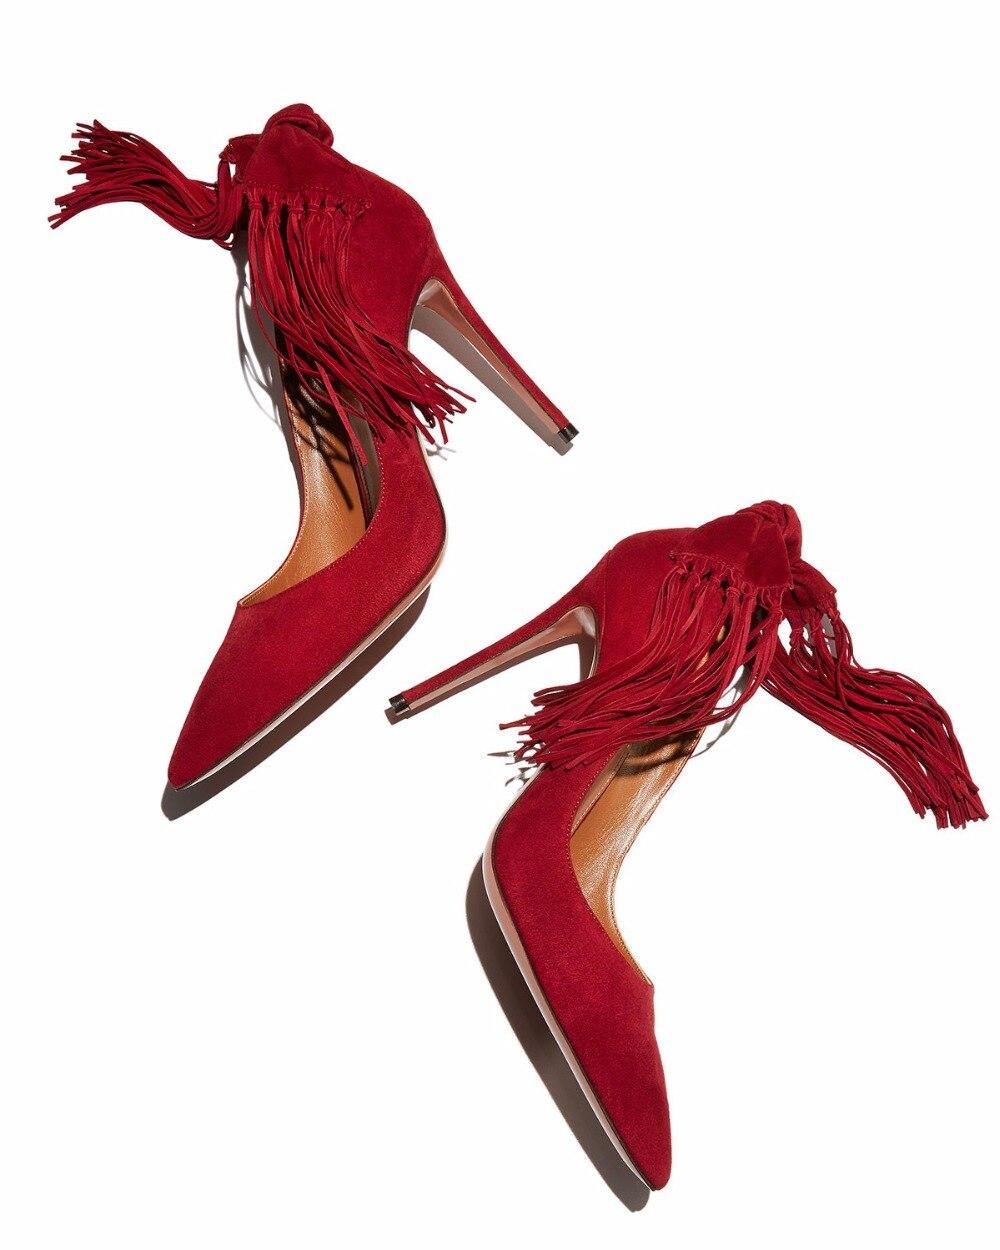 Chaussures Femme Talons Rouge Bowtie Daim À As Showed Frangé Stiletto Pointu De Bout En Pompes Gland Color Mariage Hauts d8W1gR8